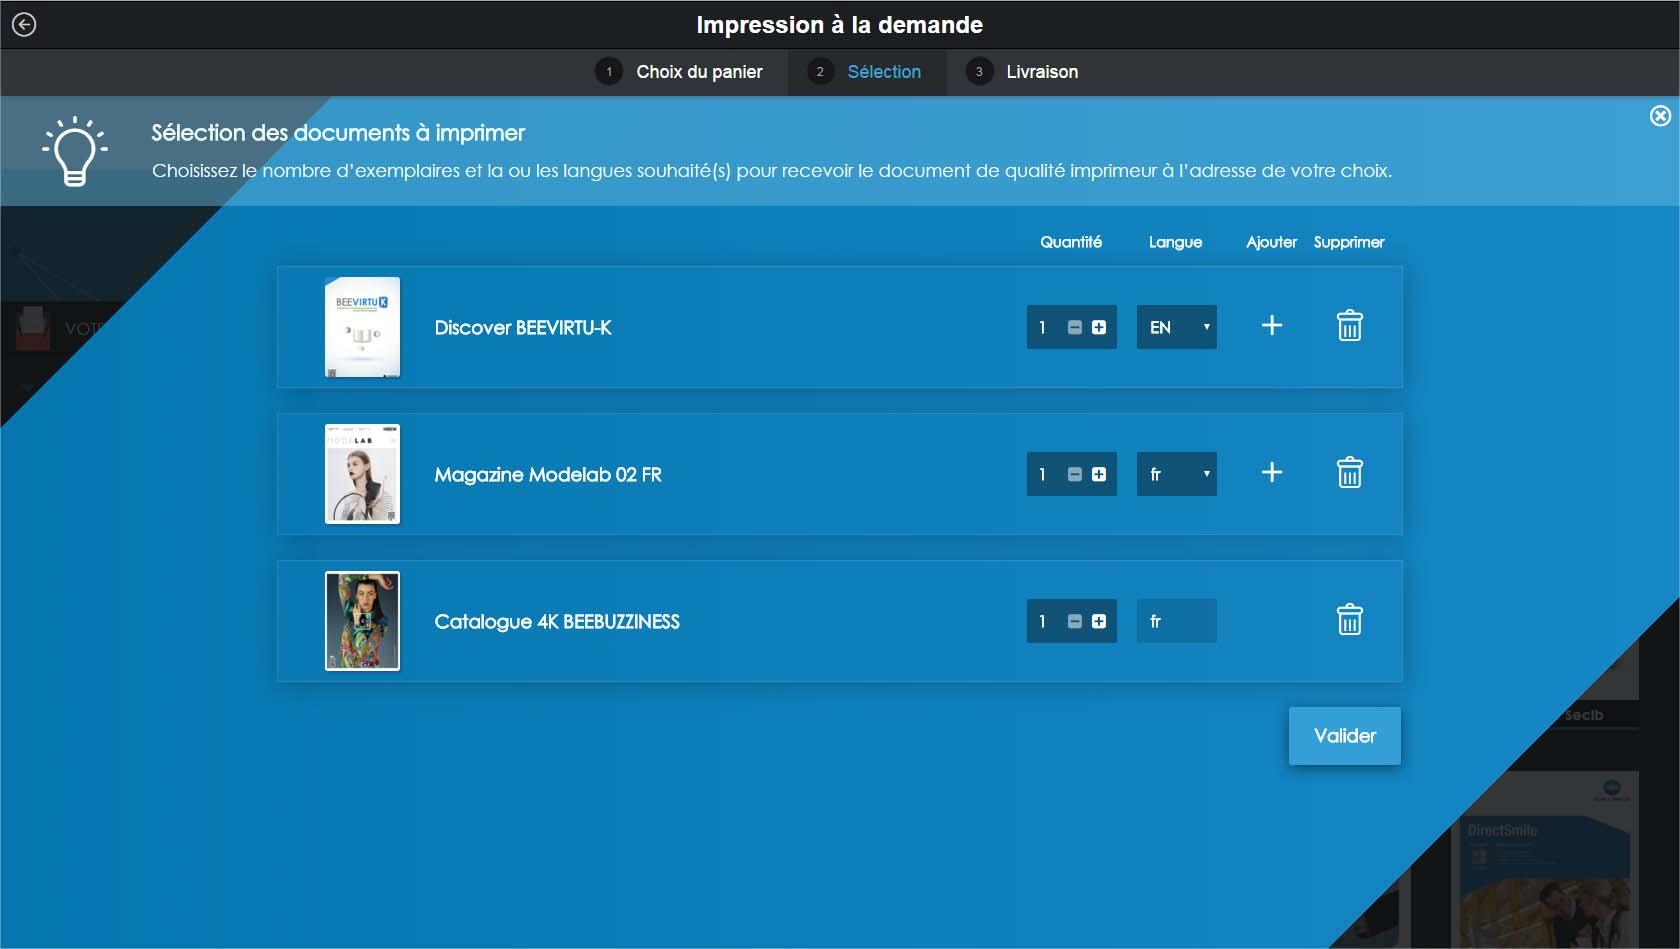 Bibliothèque virtuelle mars 2016 : panier de commande d'impression